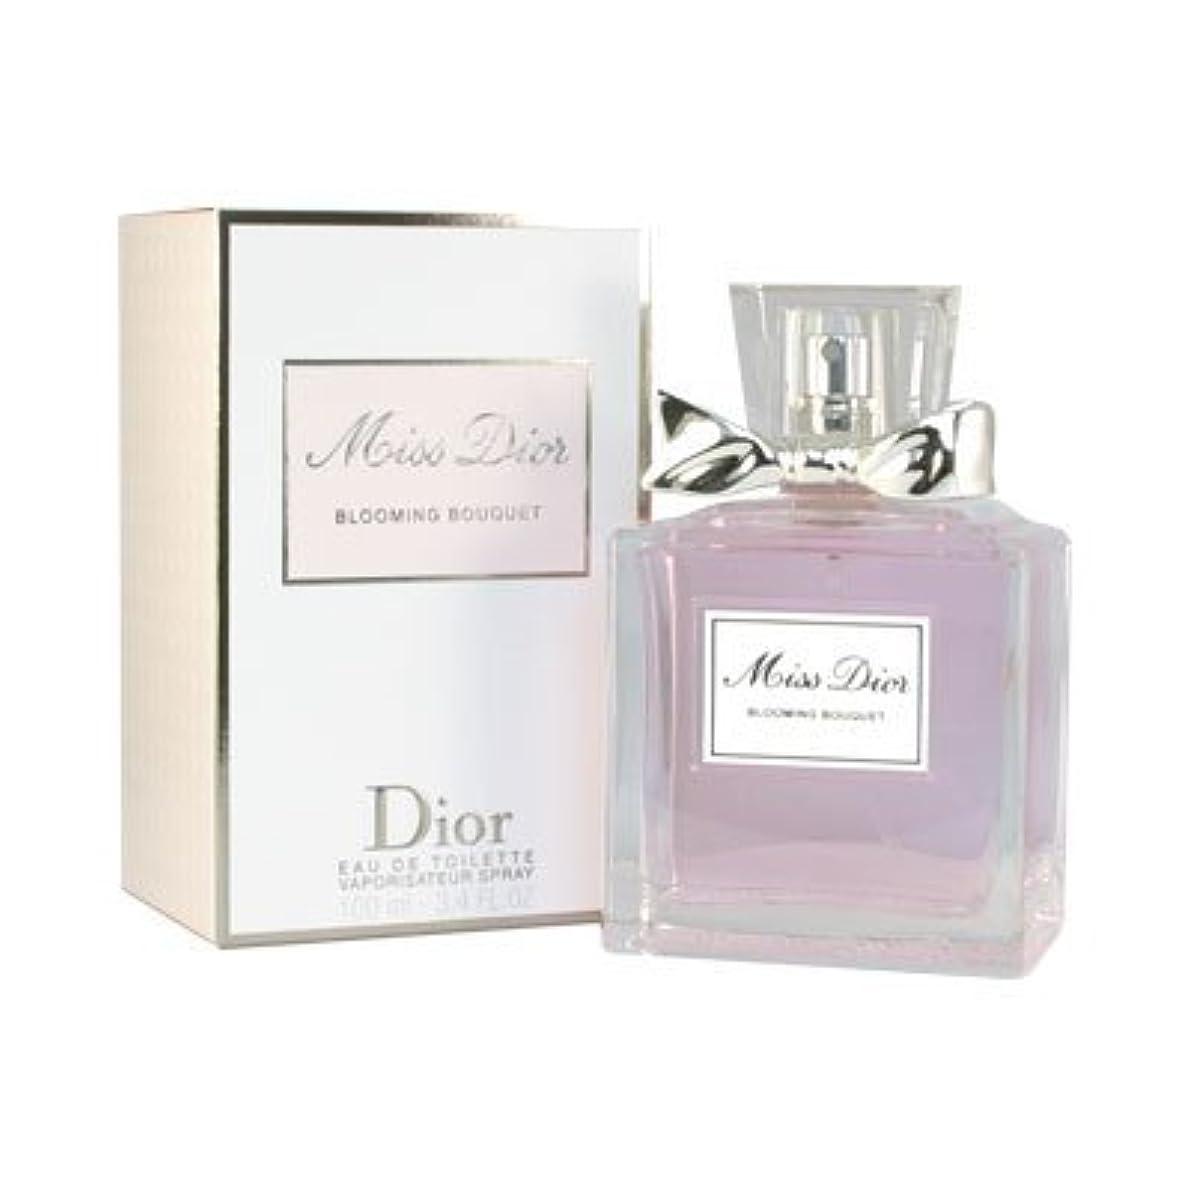 におい落ち着かないアラビア語Dior ミスディオールブルーミングブーケ EDT 100ml [871991] [並行輸入品]